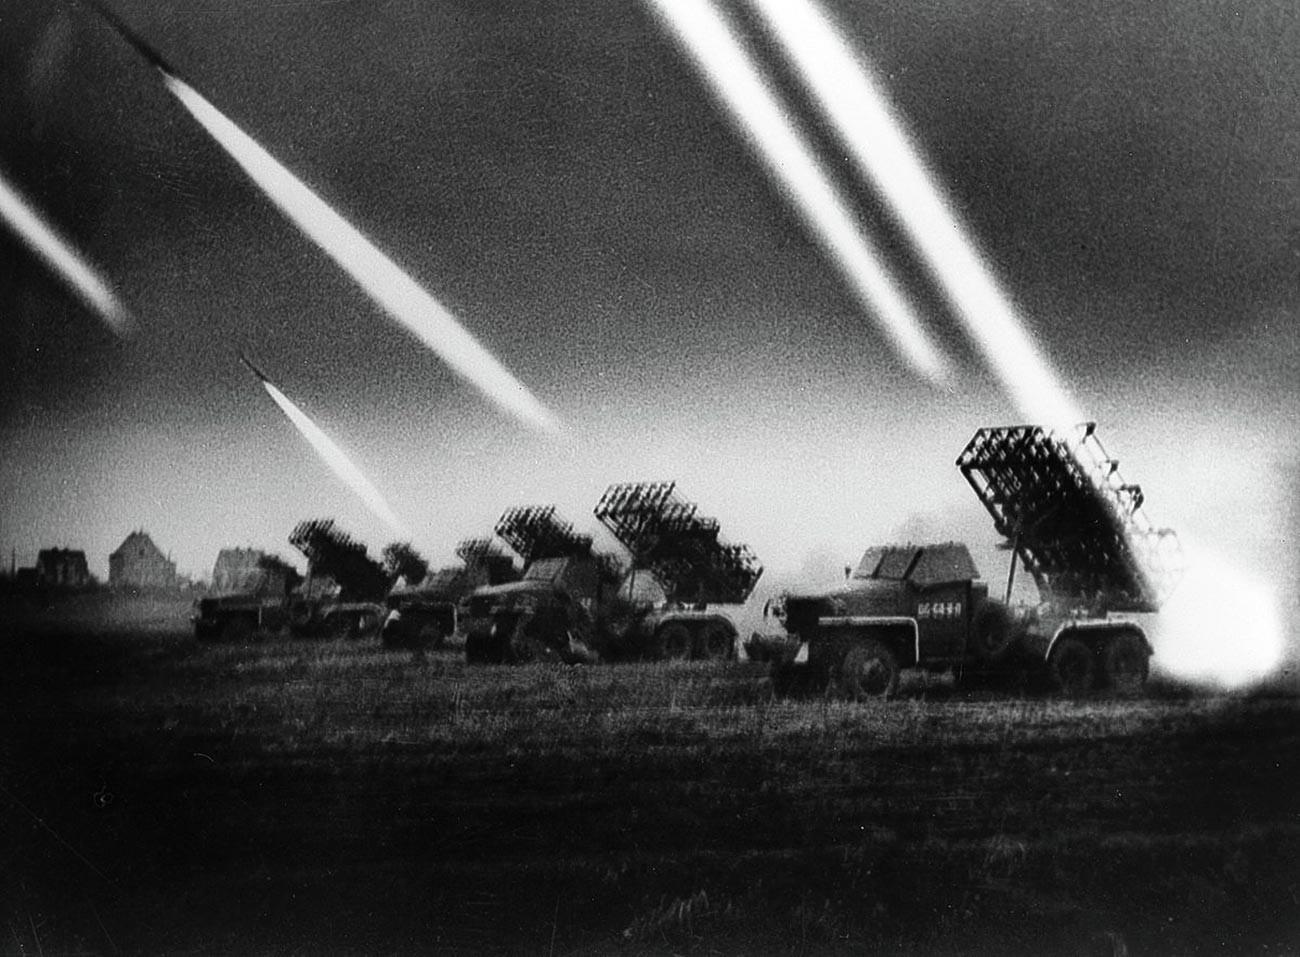 Lançadores de foguetes Katiucha em ação